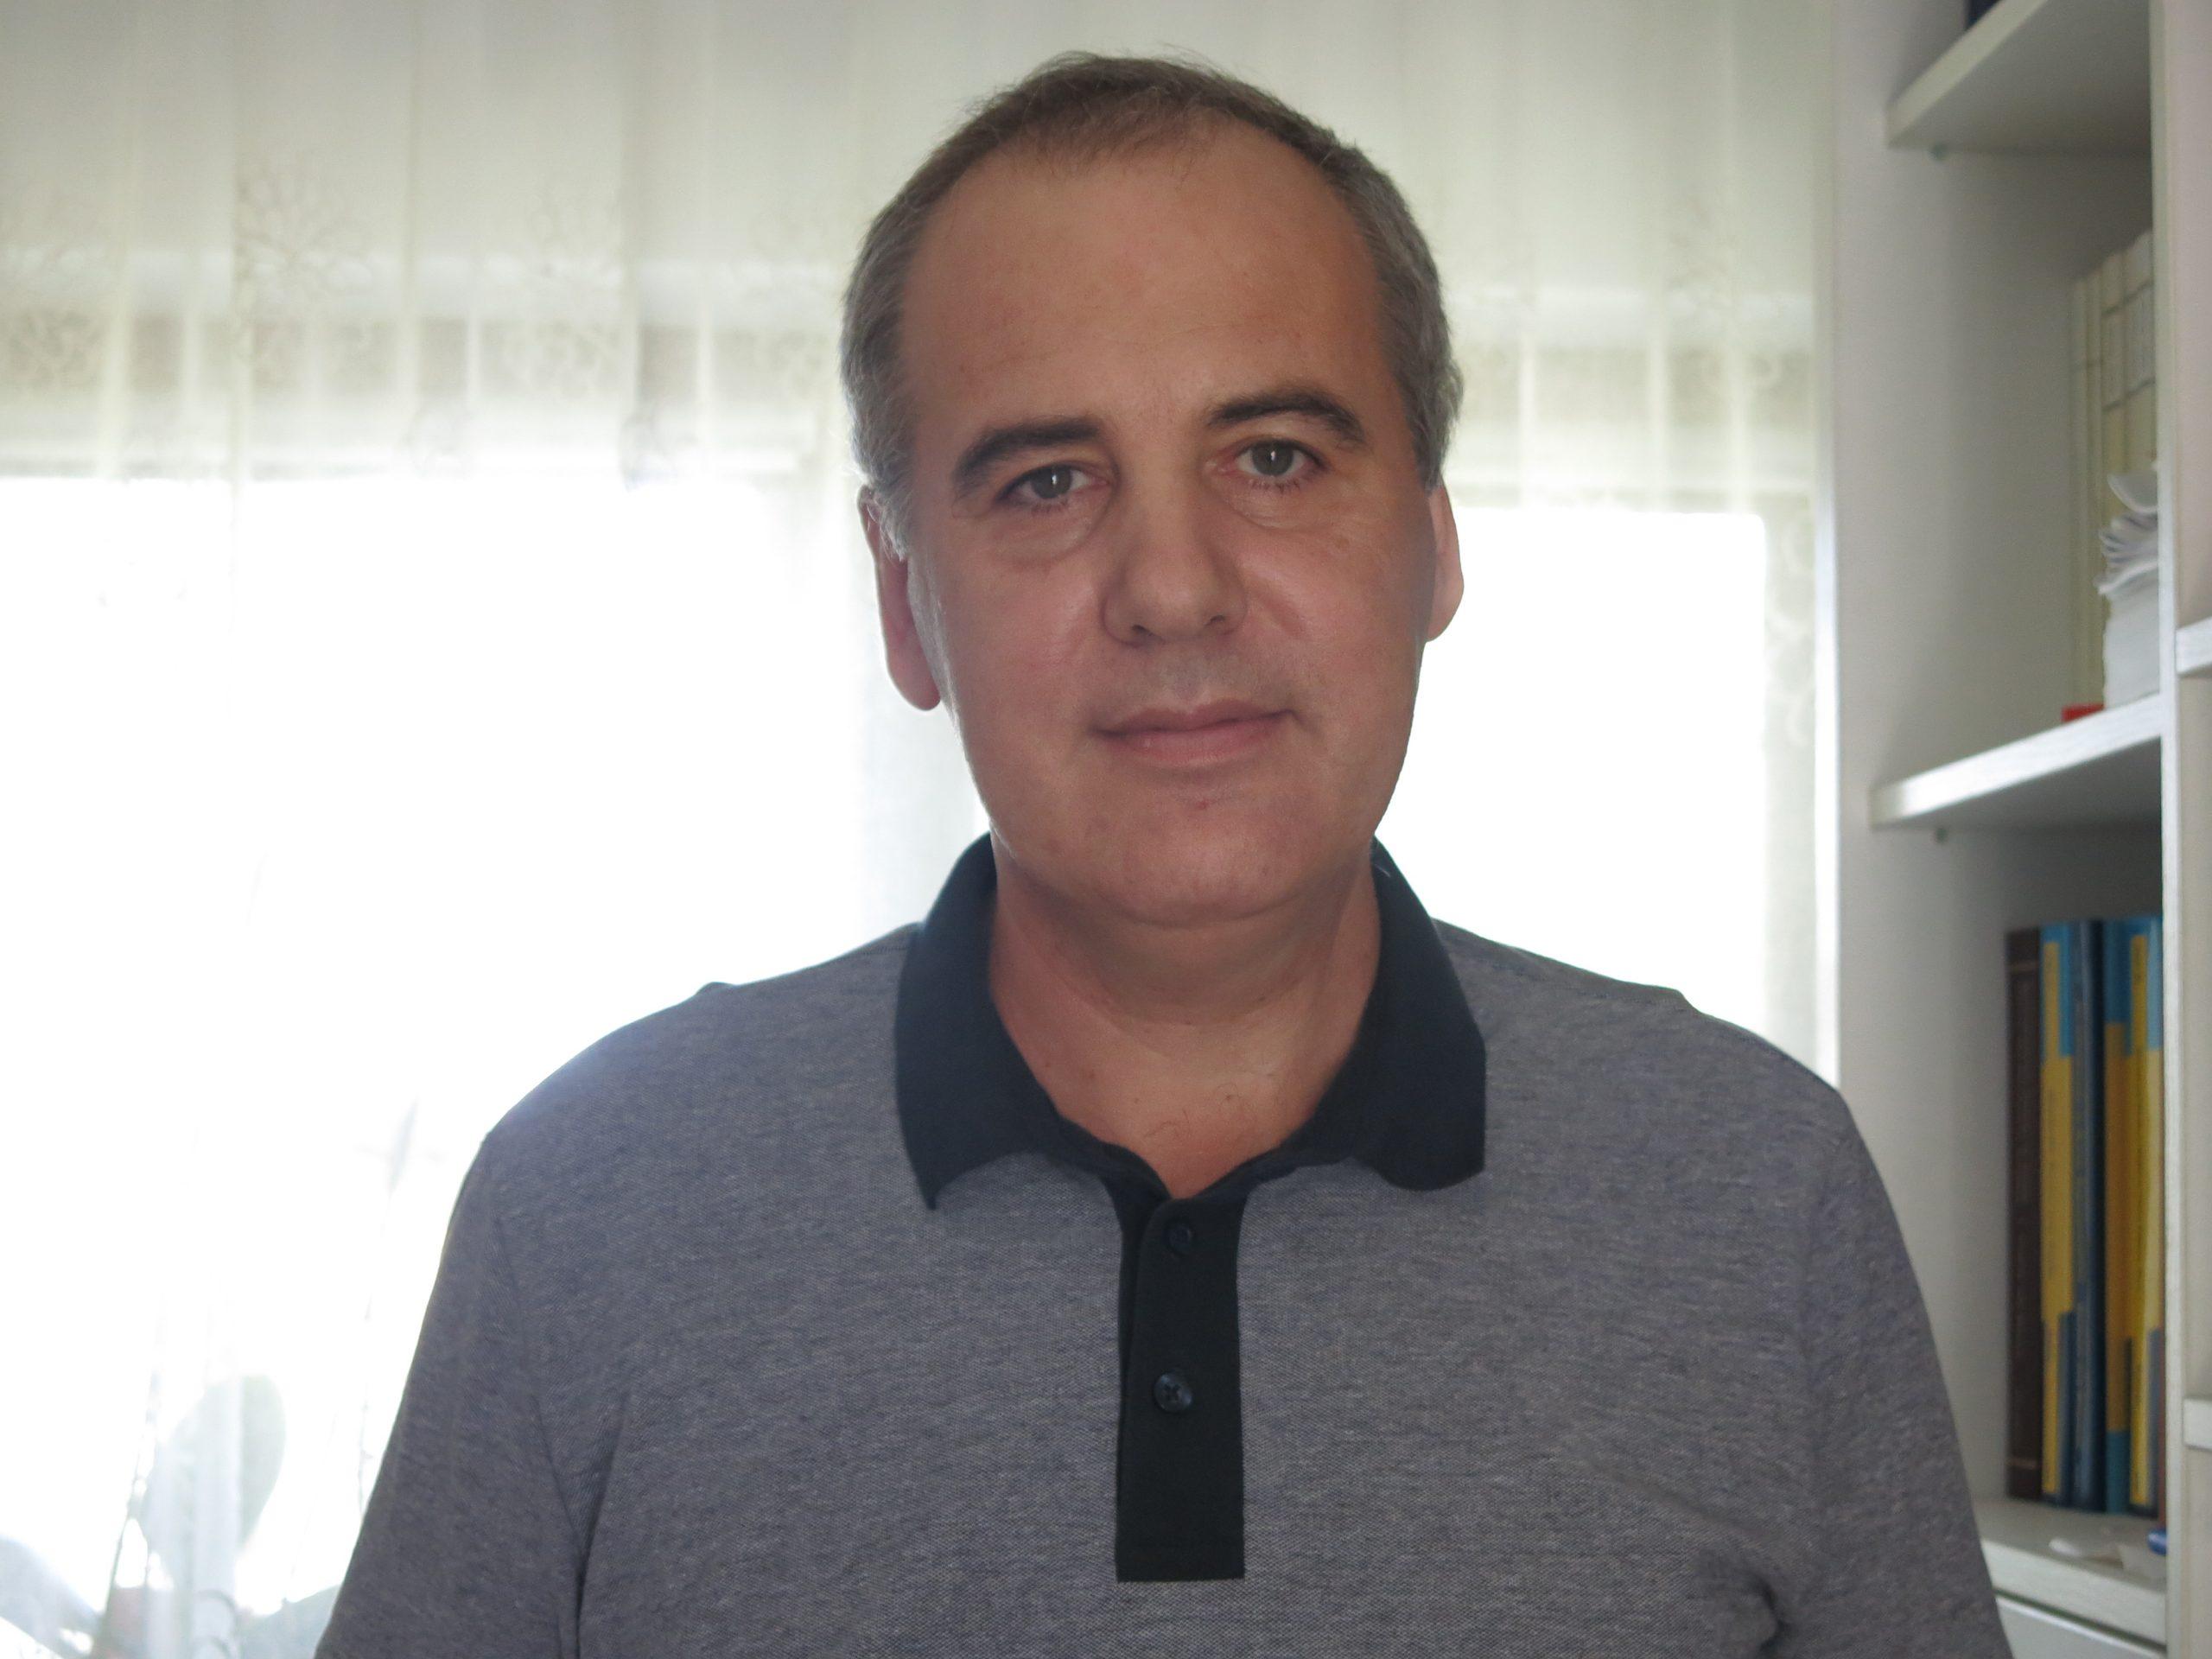 """Prof. univ. dr. Daniel Bulacu, laureat al Premiilor senatului 2019, distincția pentru """"cea mai prestigioasă publicație a anului 2019 din domeniul Științelor Exacte și Ingineriei"""""""